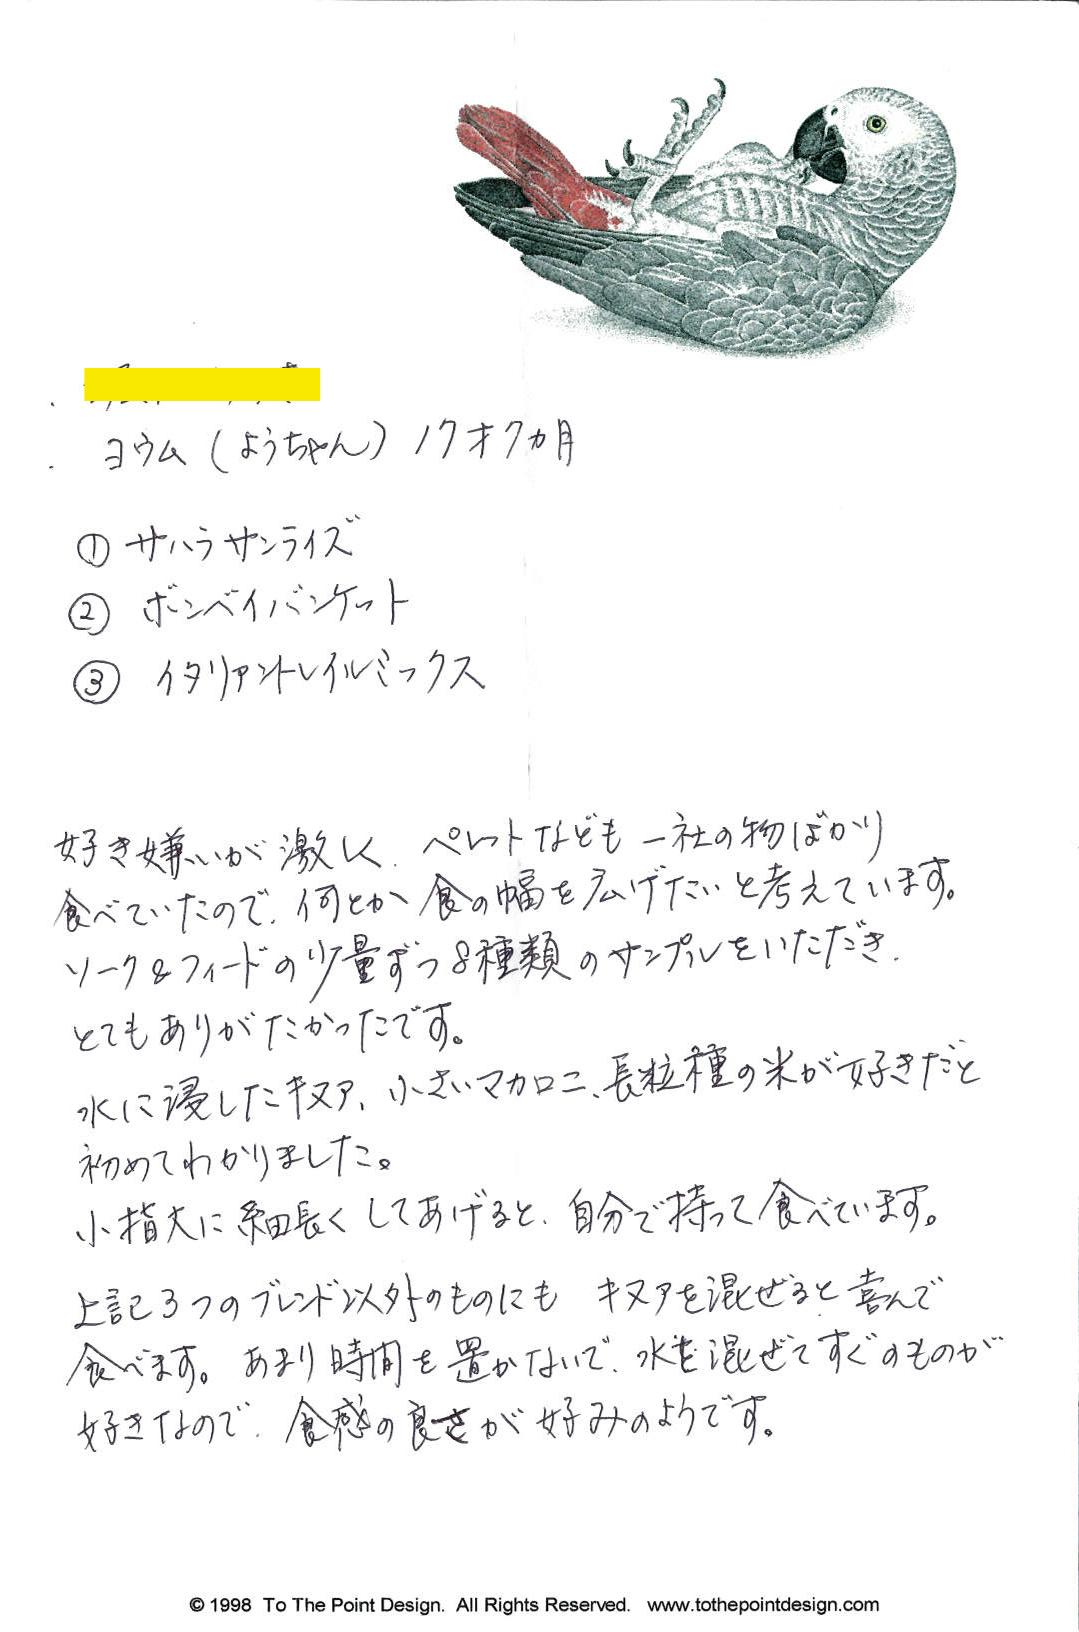 ソーク&フィード感想0810